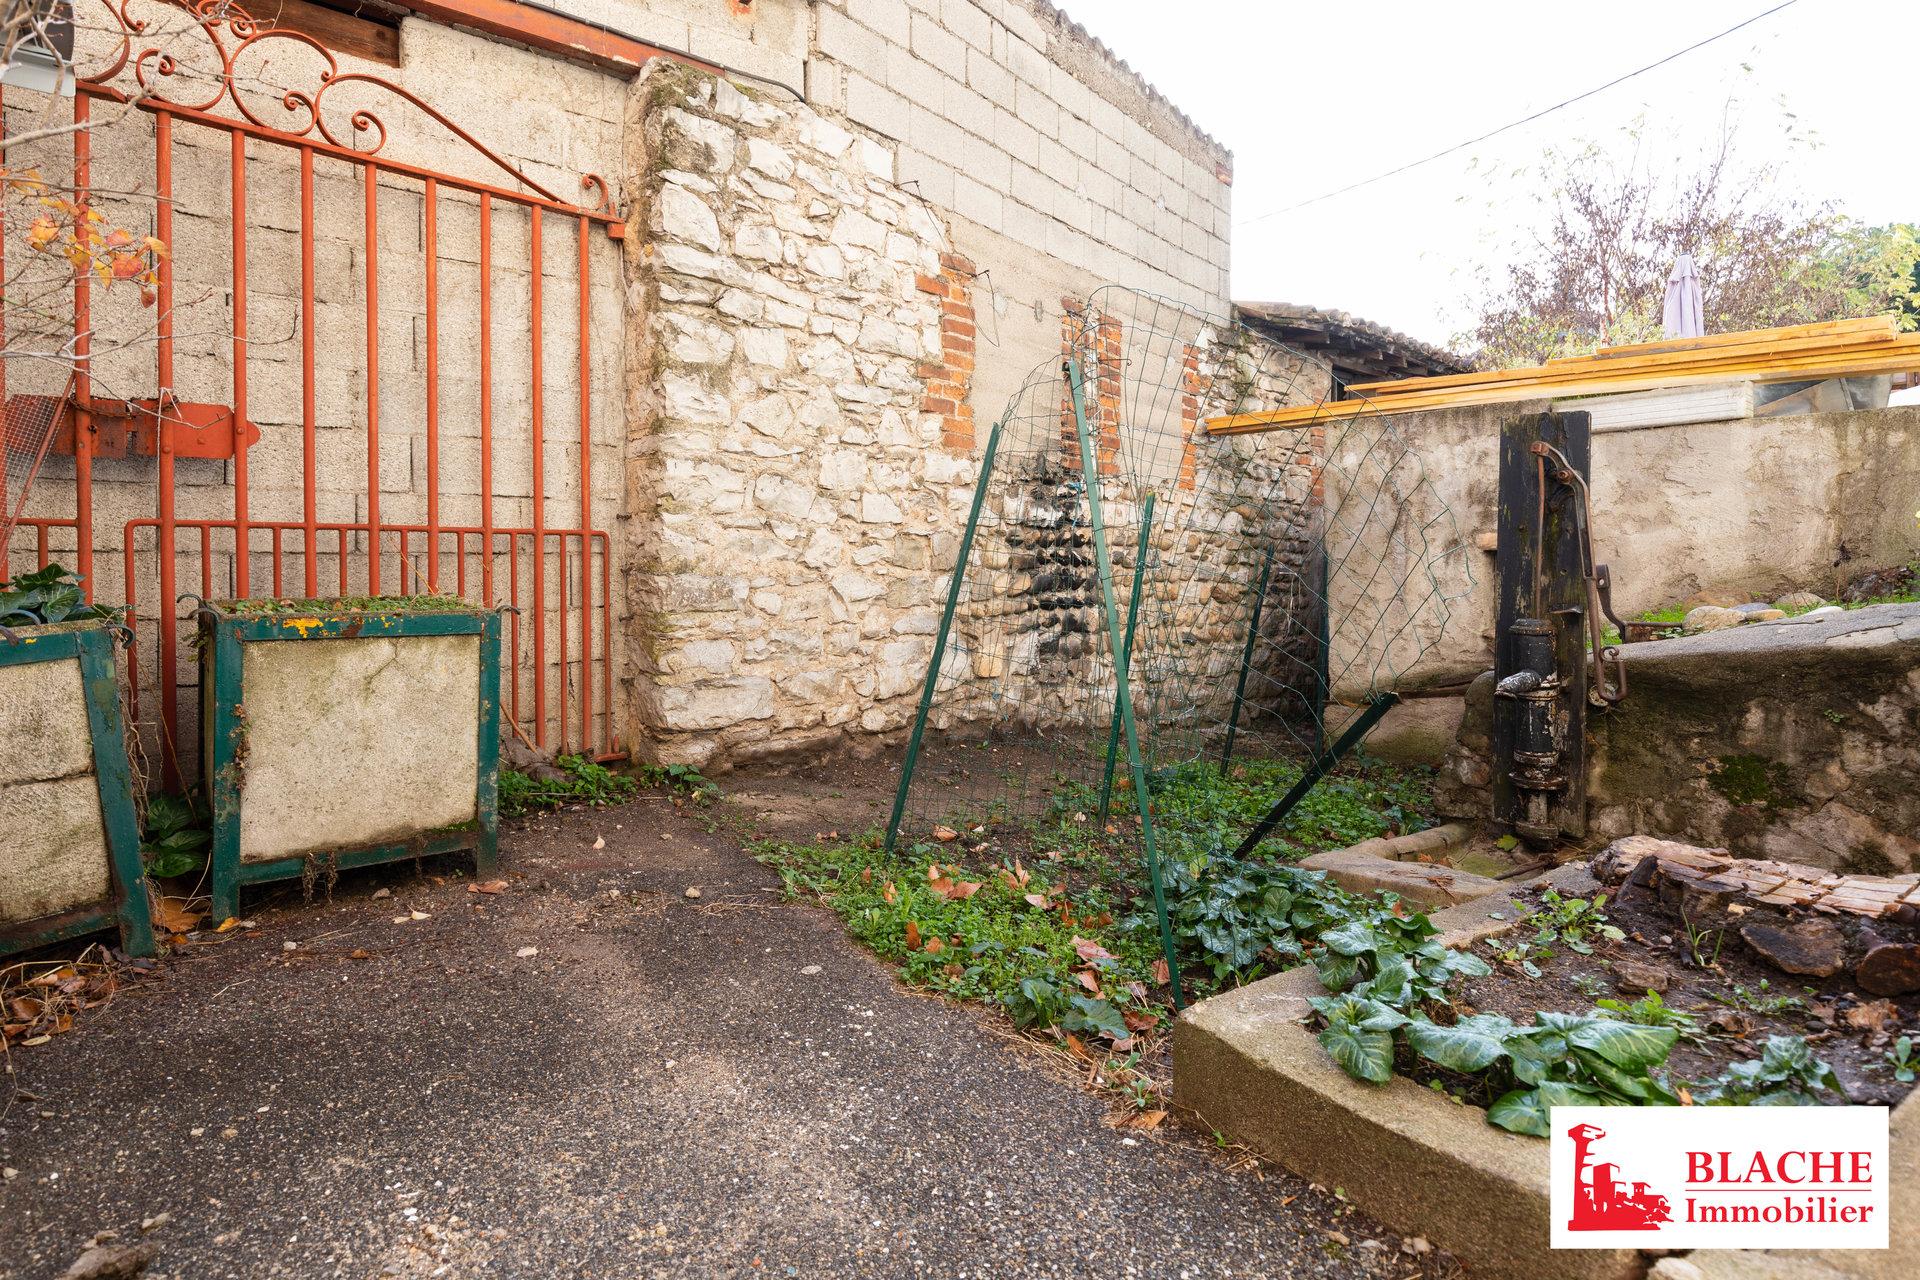 Vente Maison de ville - La Voulte-sur-Rhône